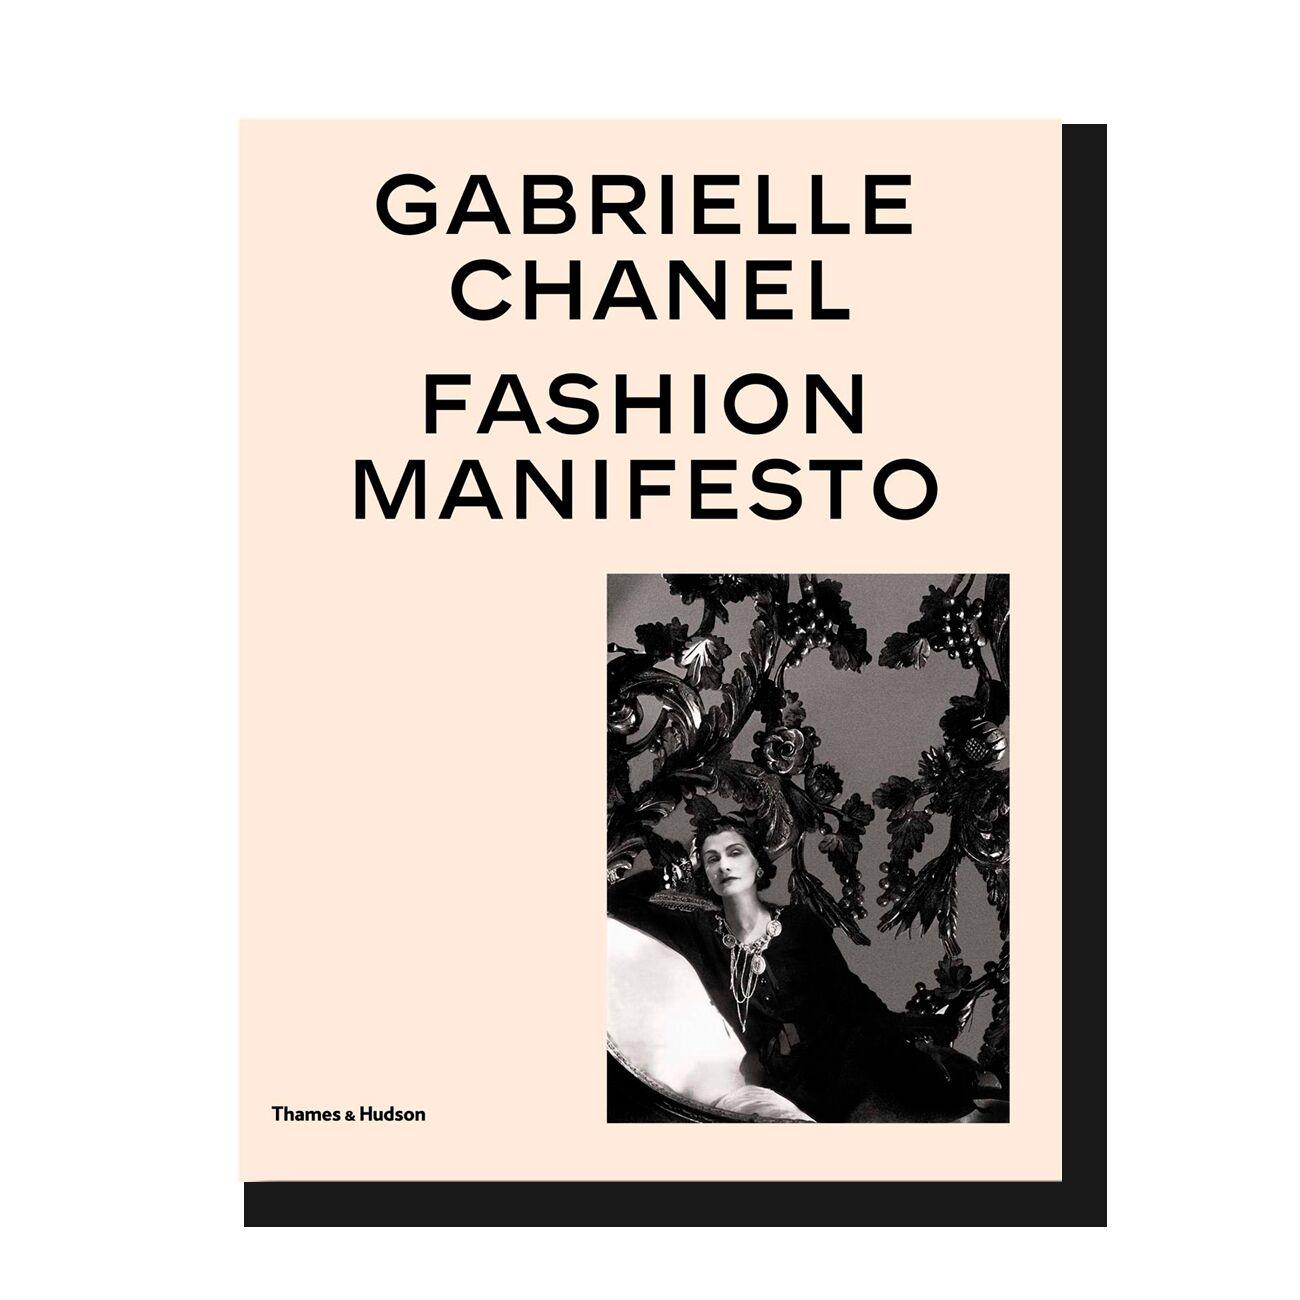 Gabrielle Chanel: Fashion Manifesto